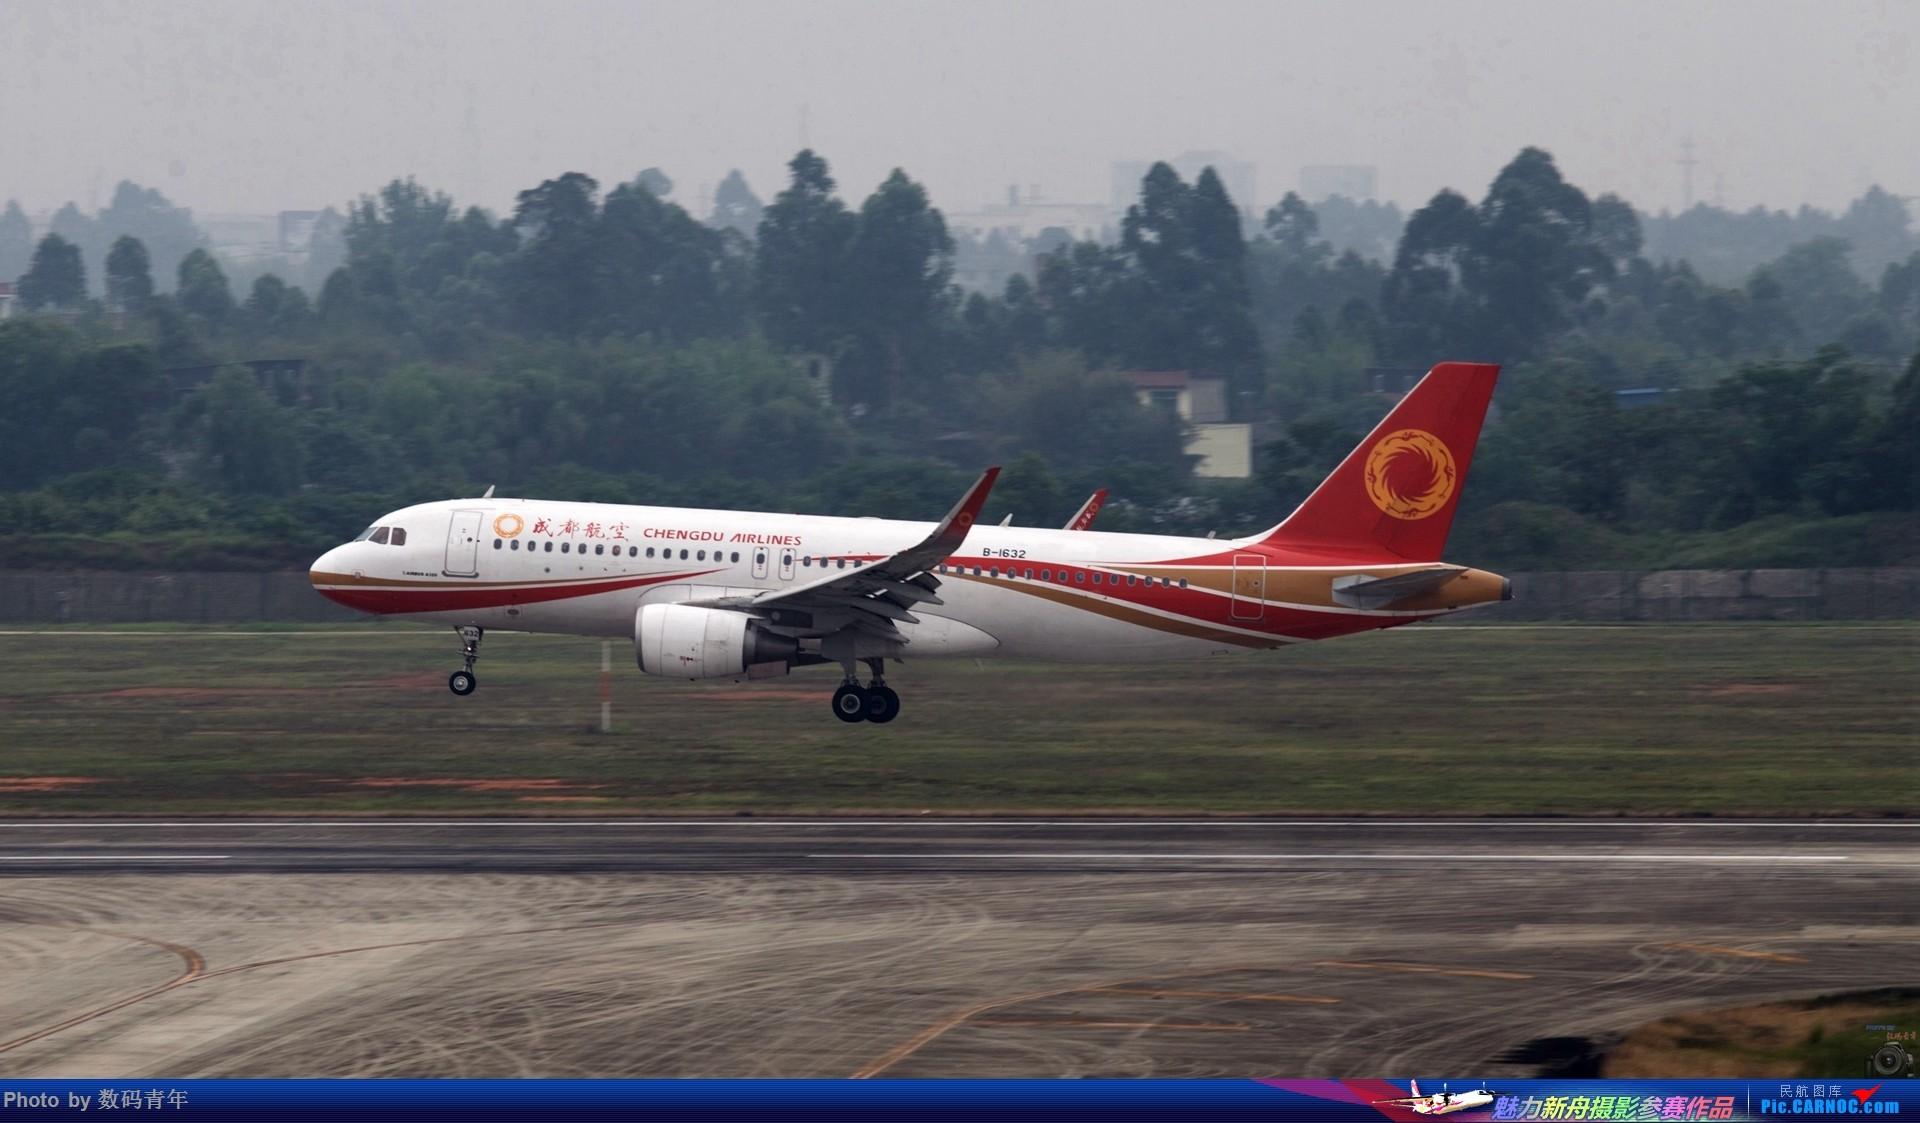 Re:[原创]重出江湖【CTU】2015.5.17打飞机 AIRBUS A320-200 B-1632 中国成都双流国际机场